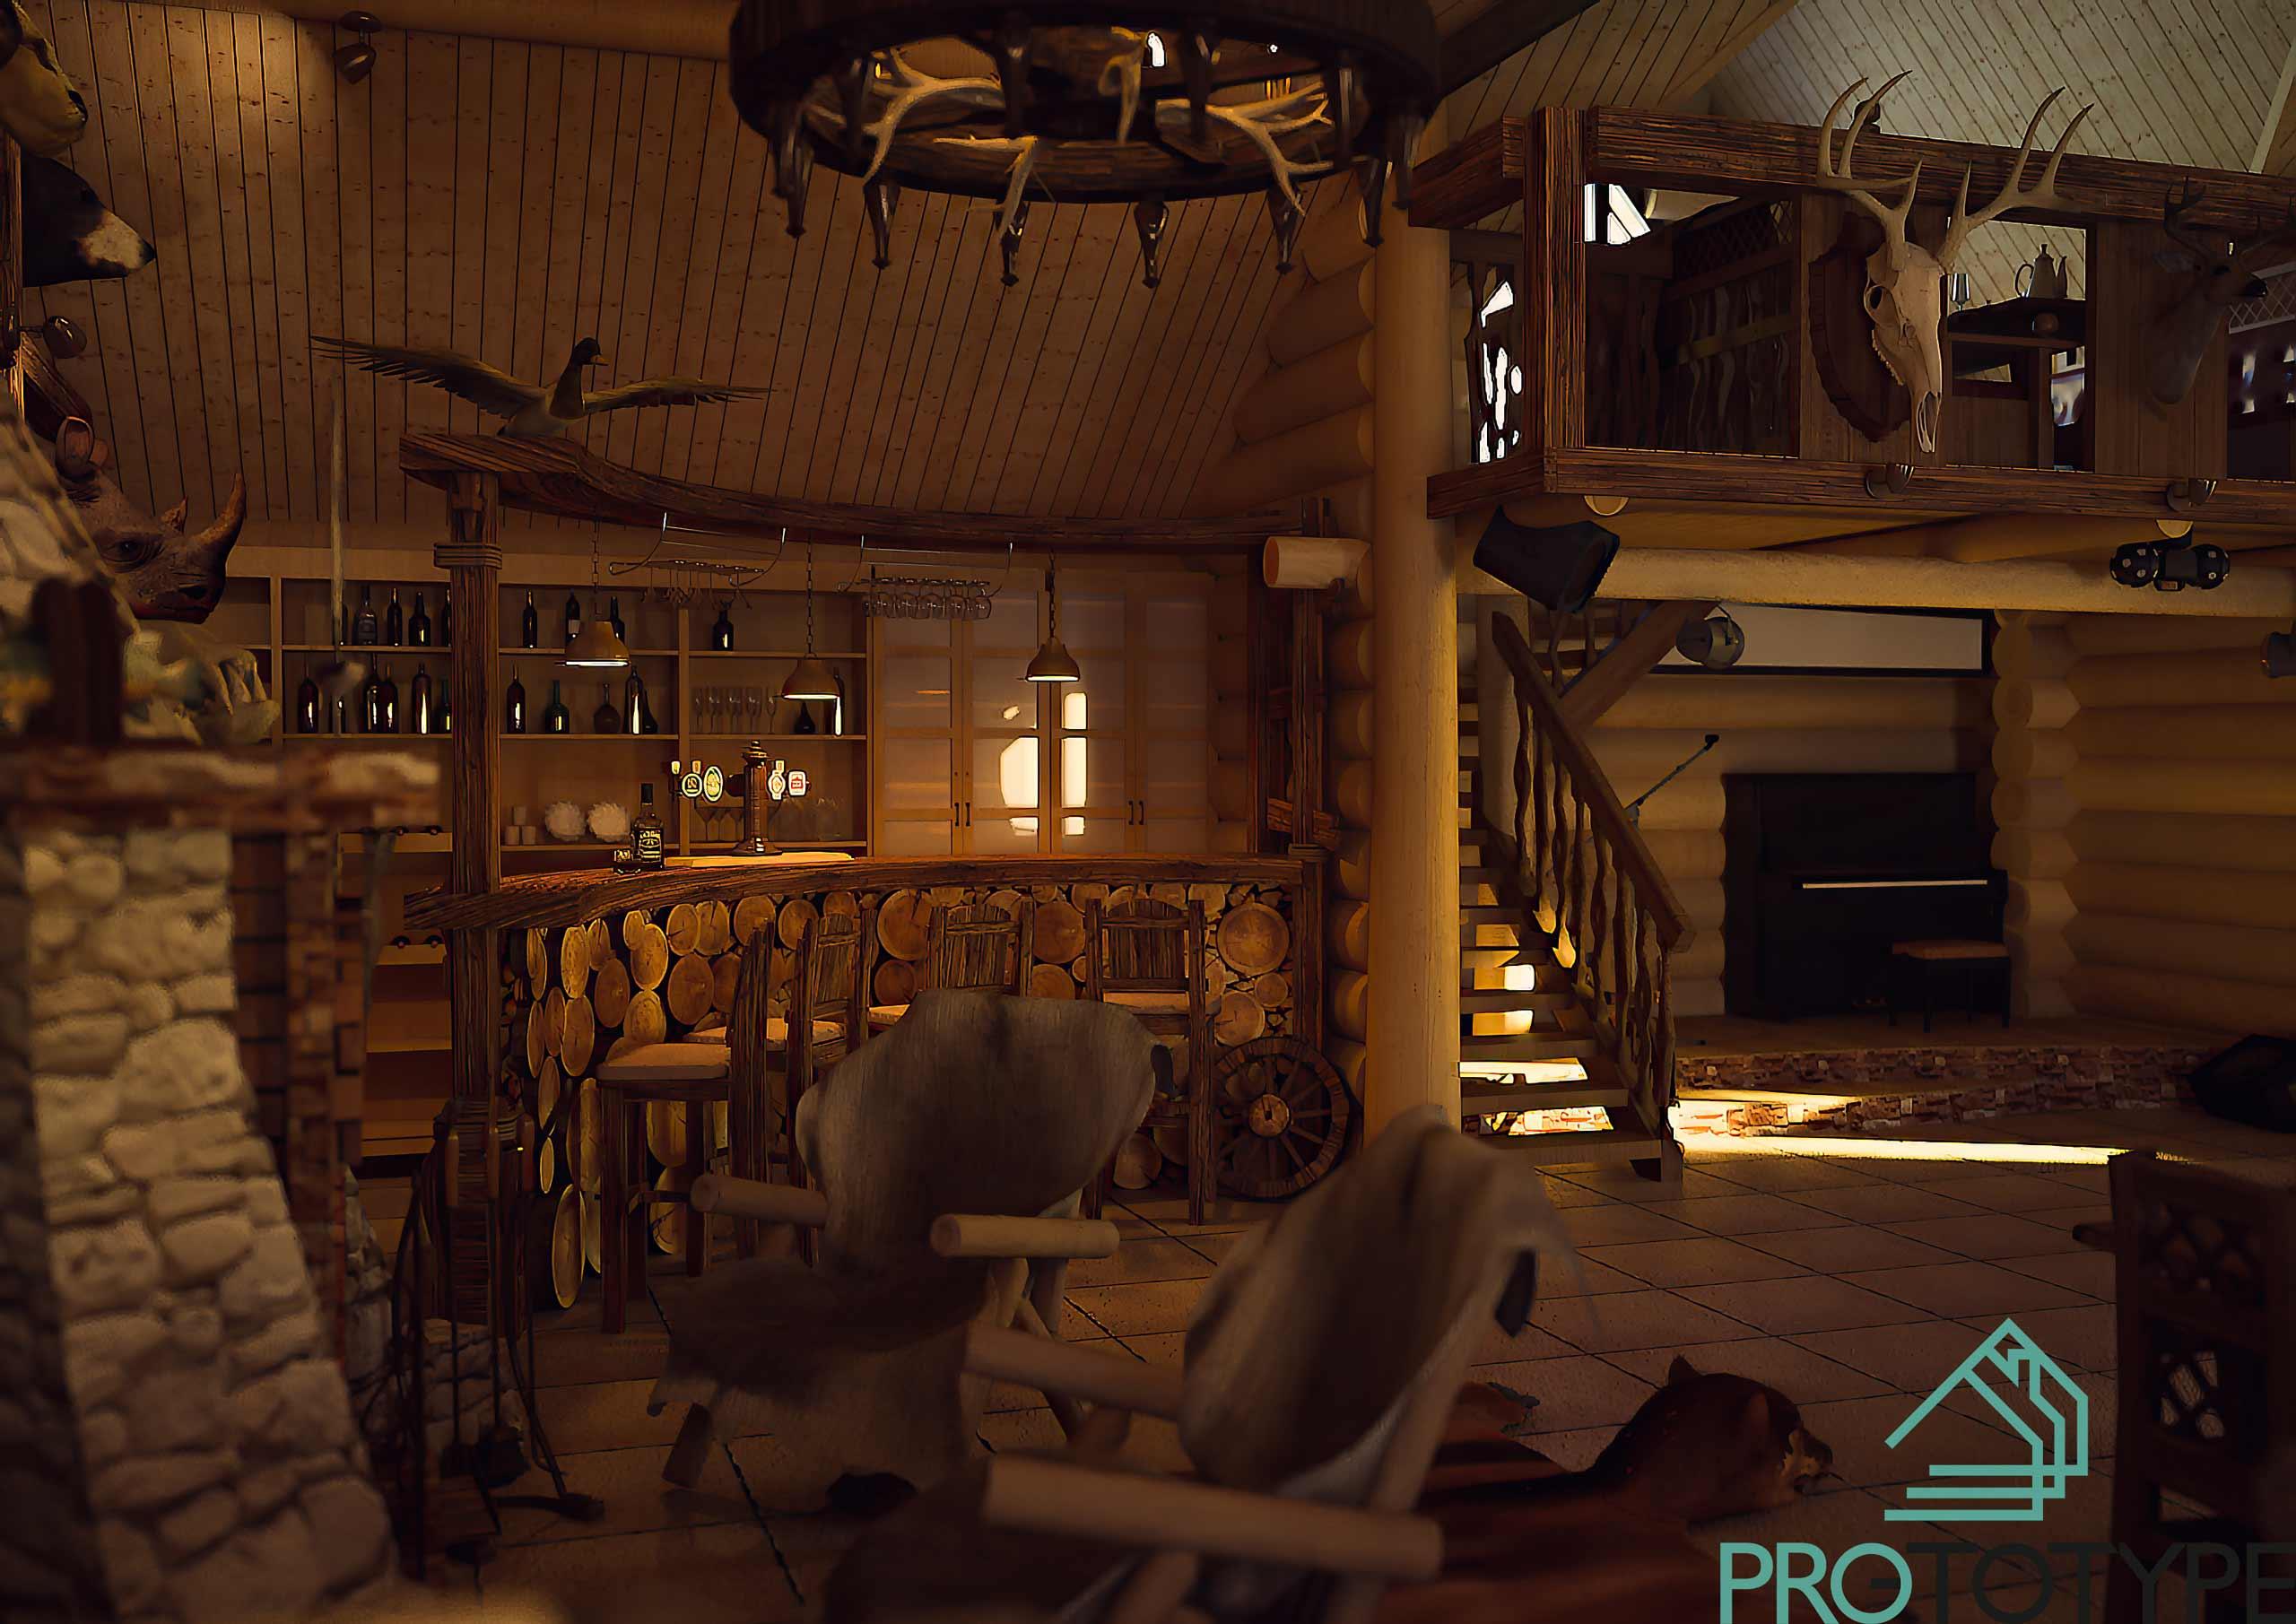 Барная стойка в проекте ресторана в охотничьем стиле